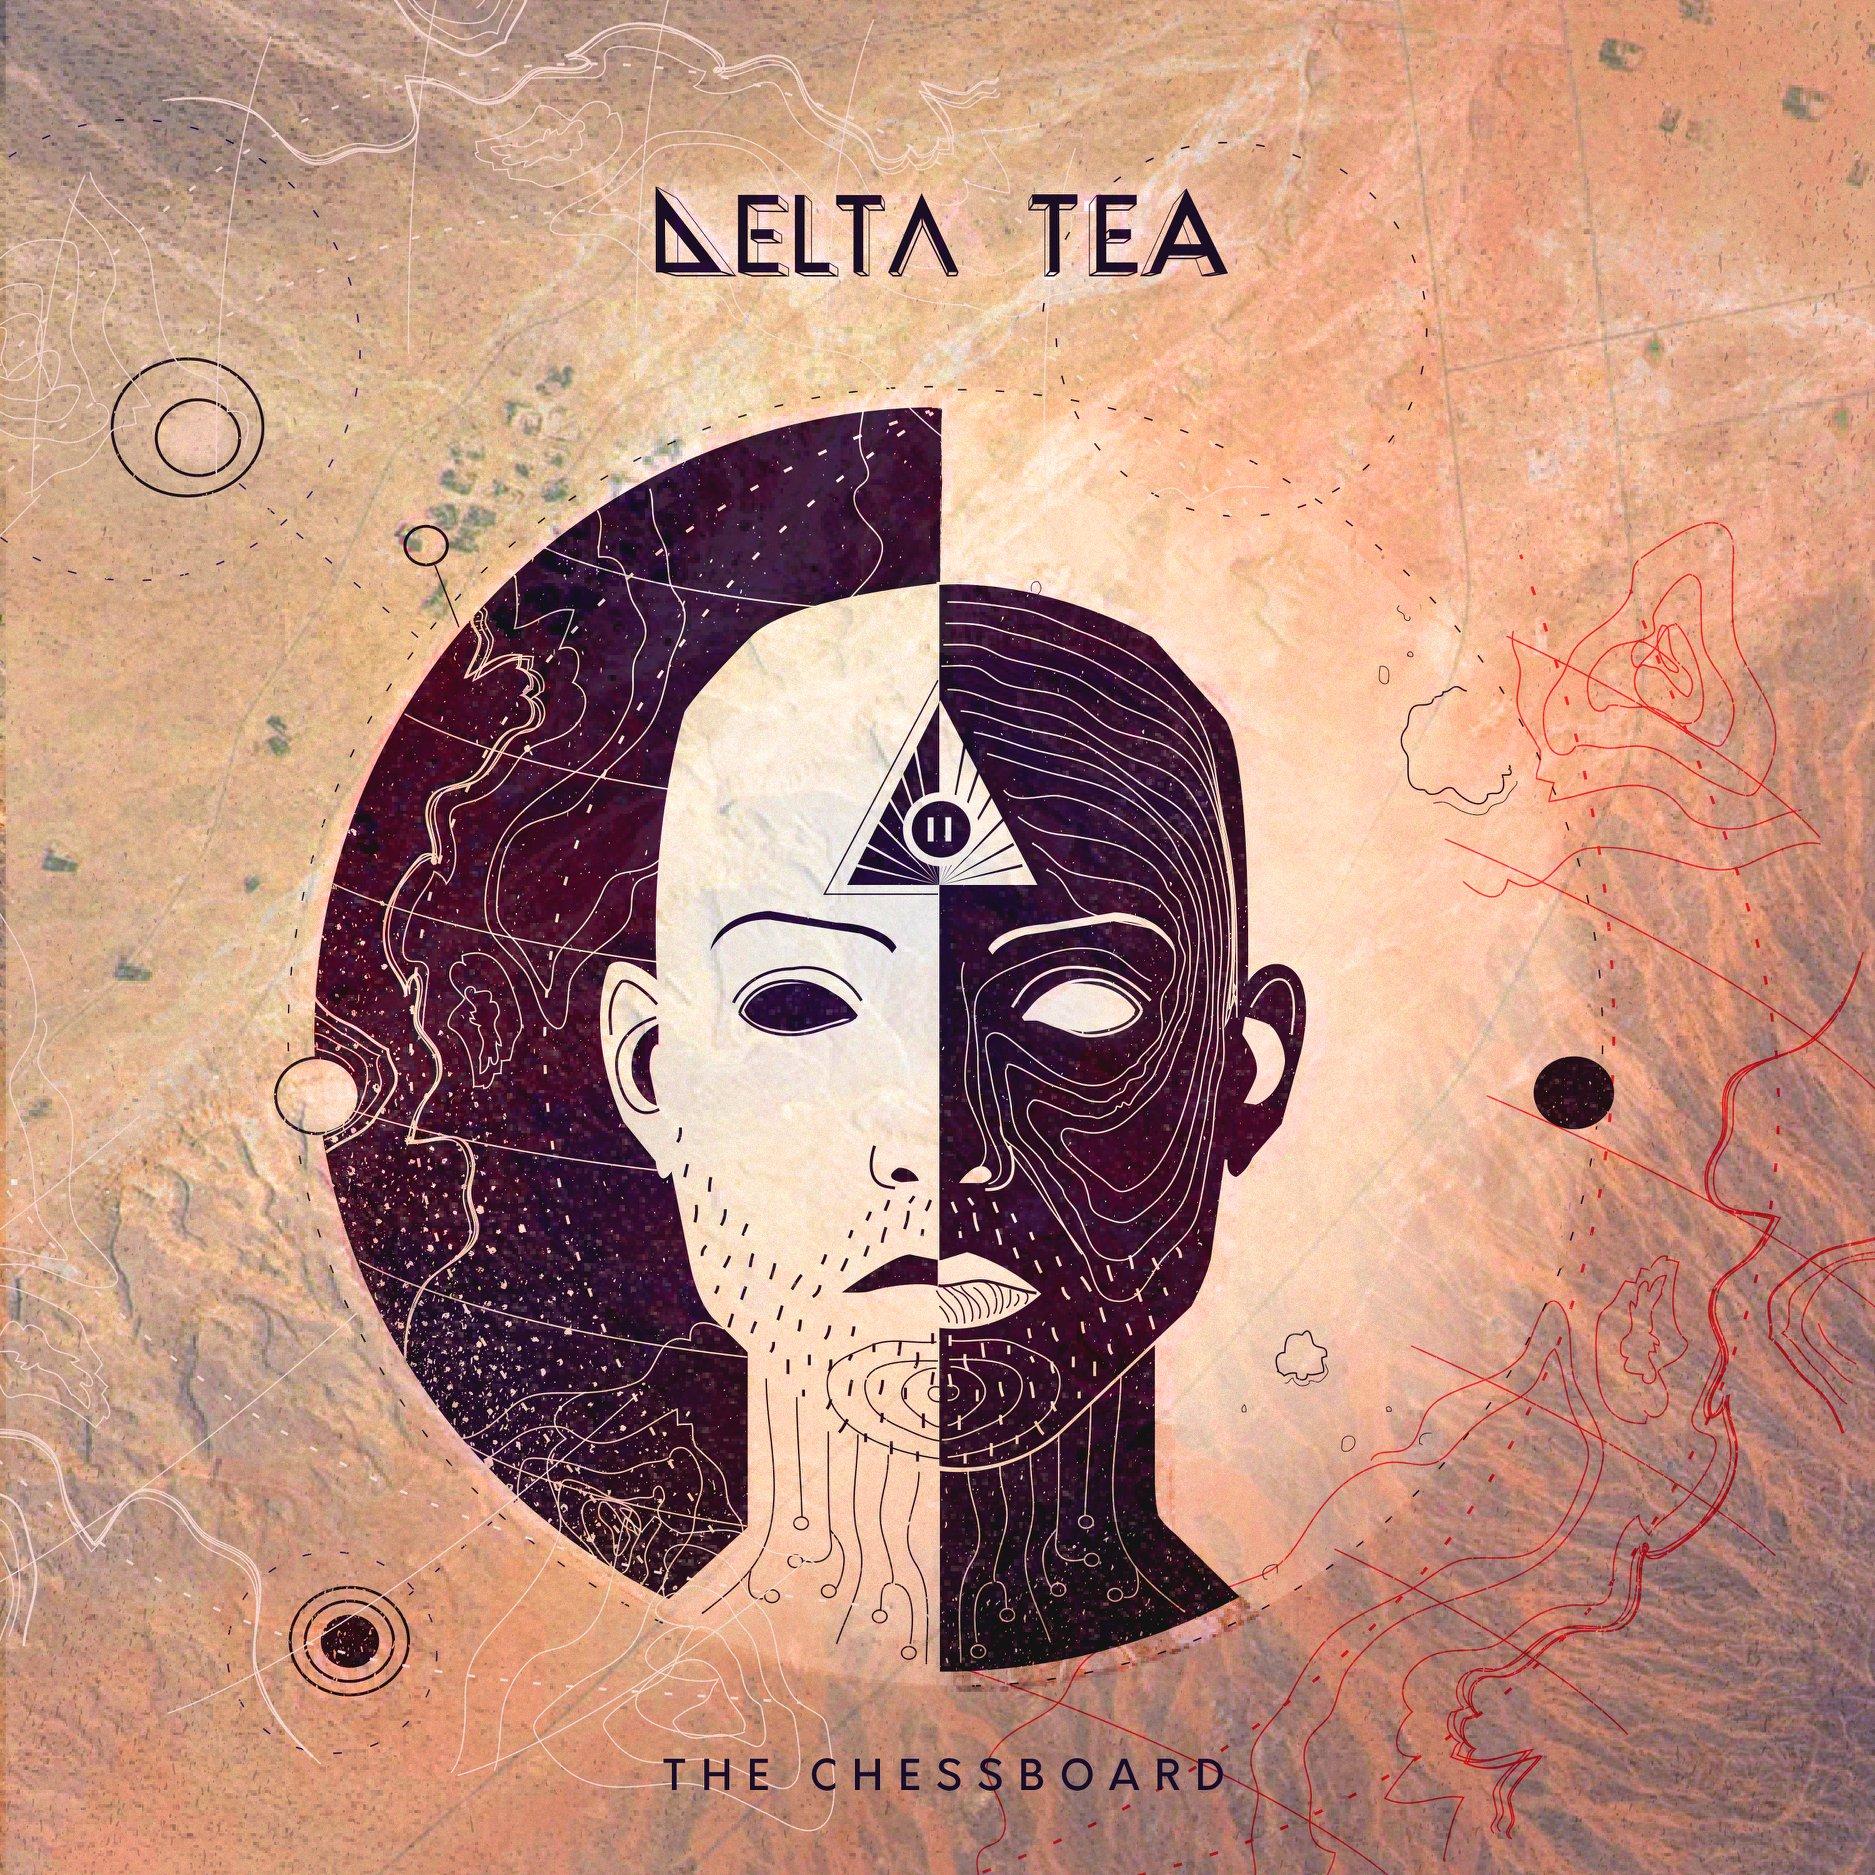 Delta tea